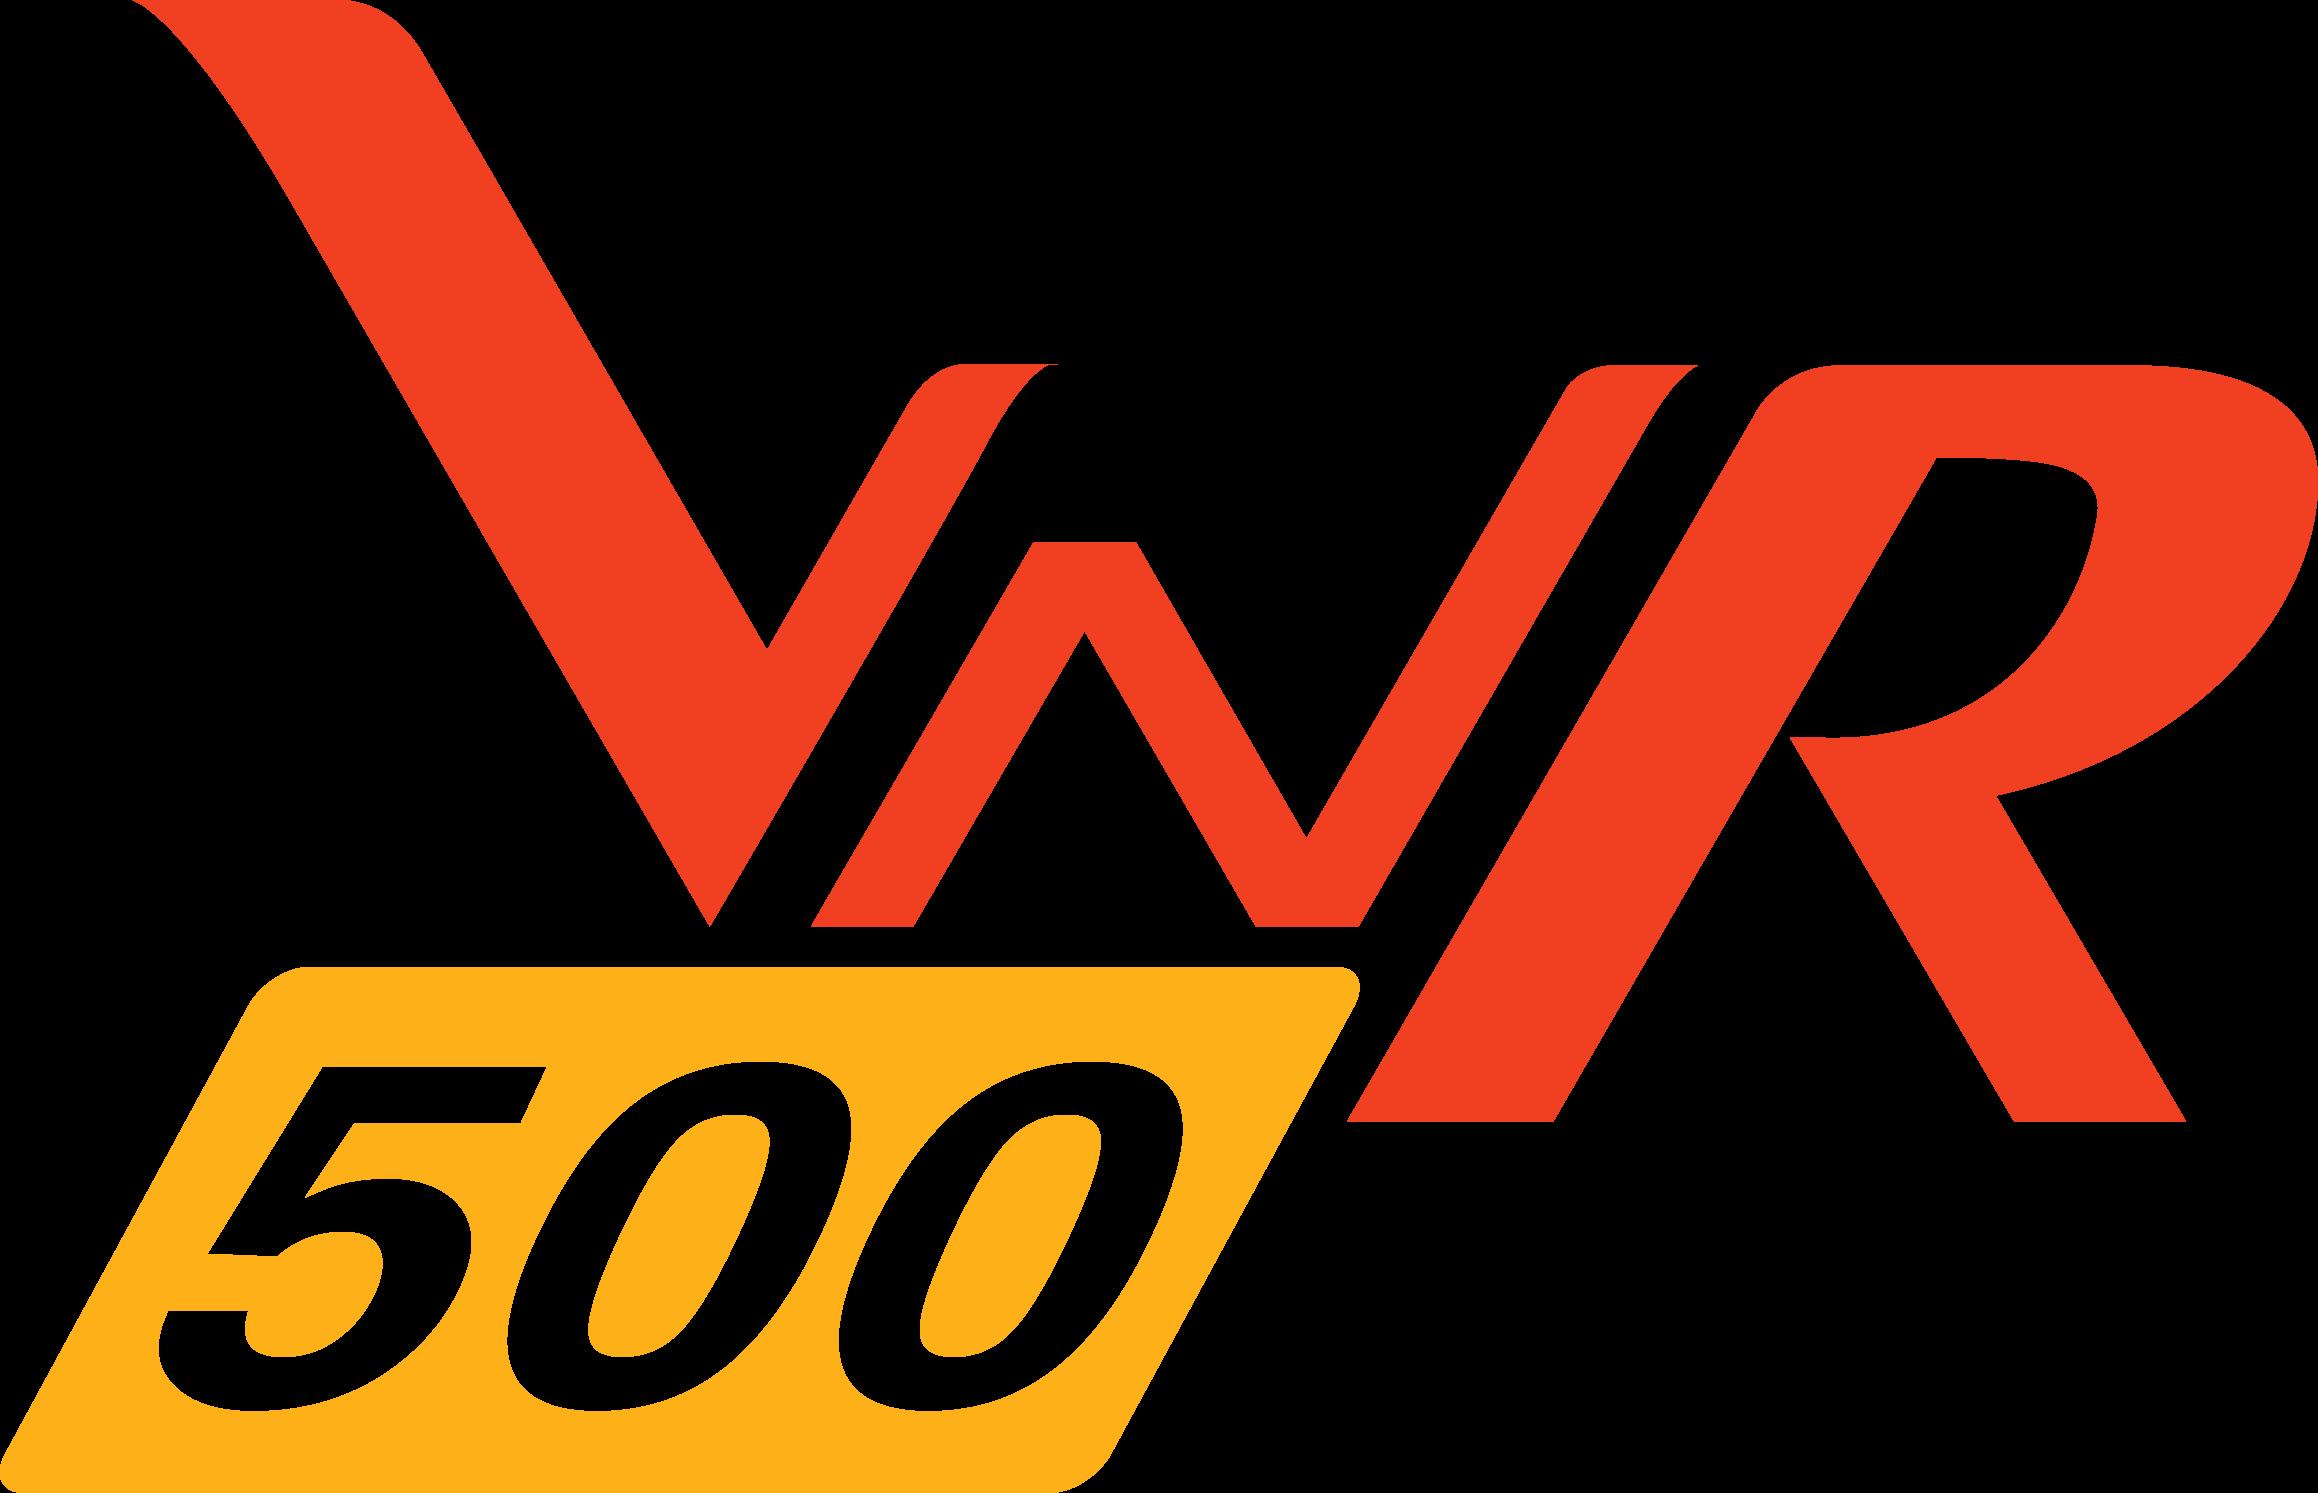 Gửi thông tin kiểm chứng BXH VNR500 - Tháng 11/2018